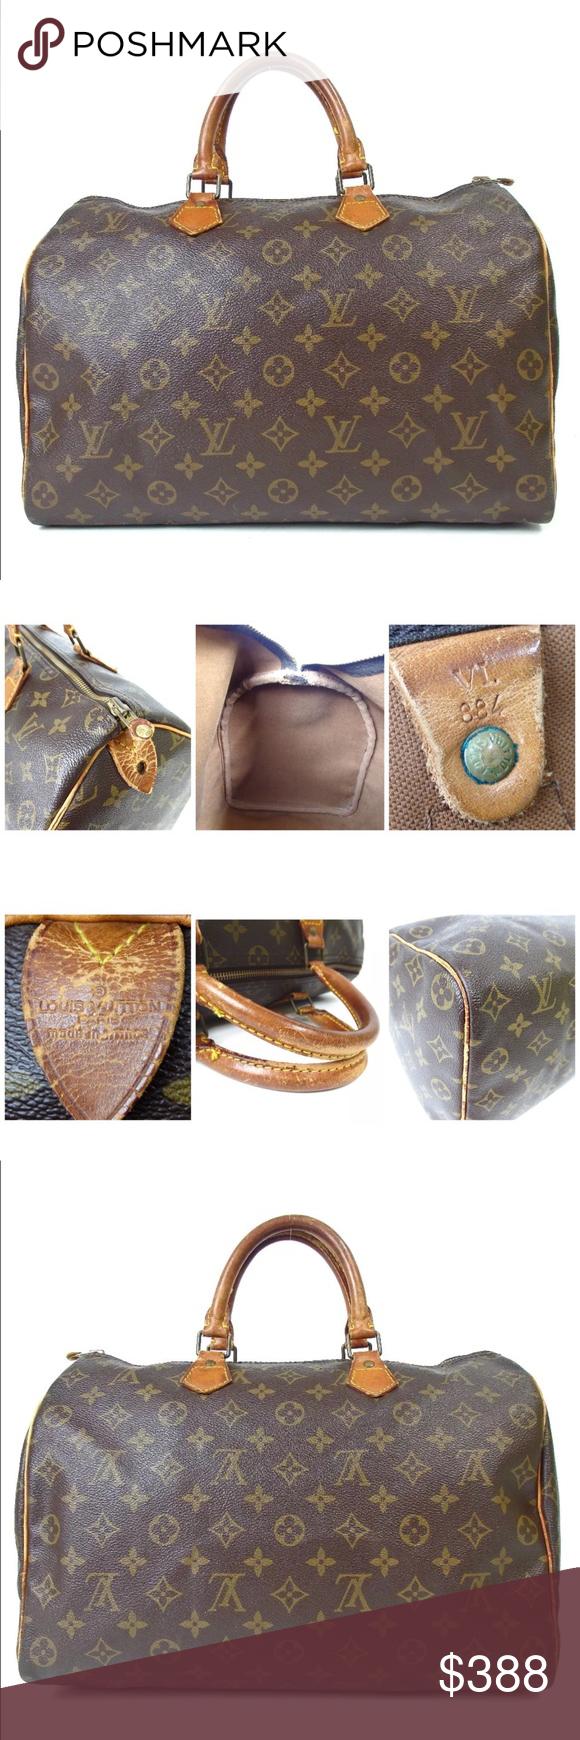 Auth Louis Vuitton Speedy 35 Boston Bag Vtg Louis